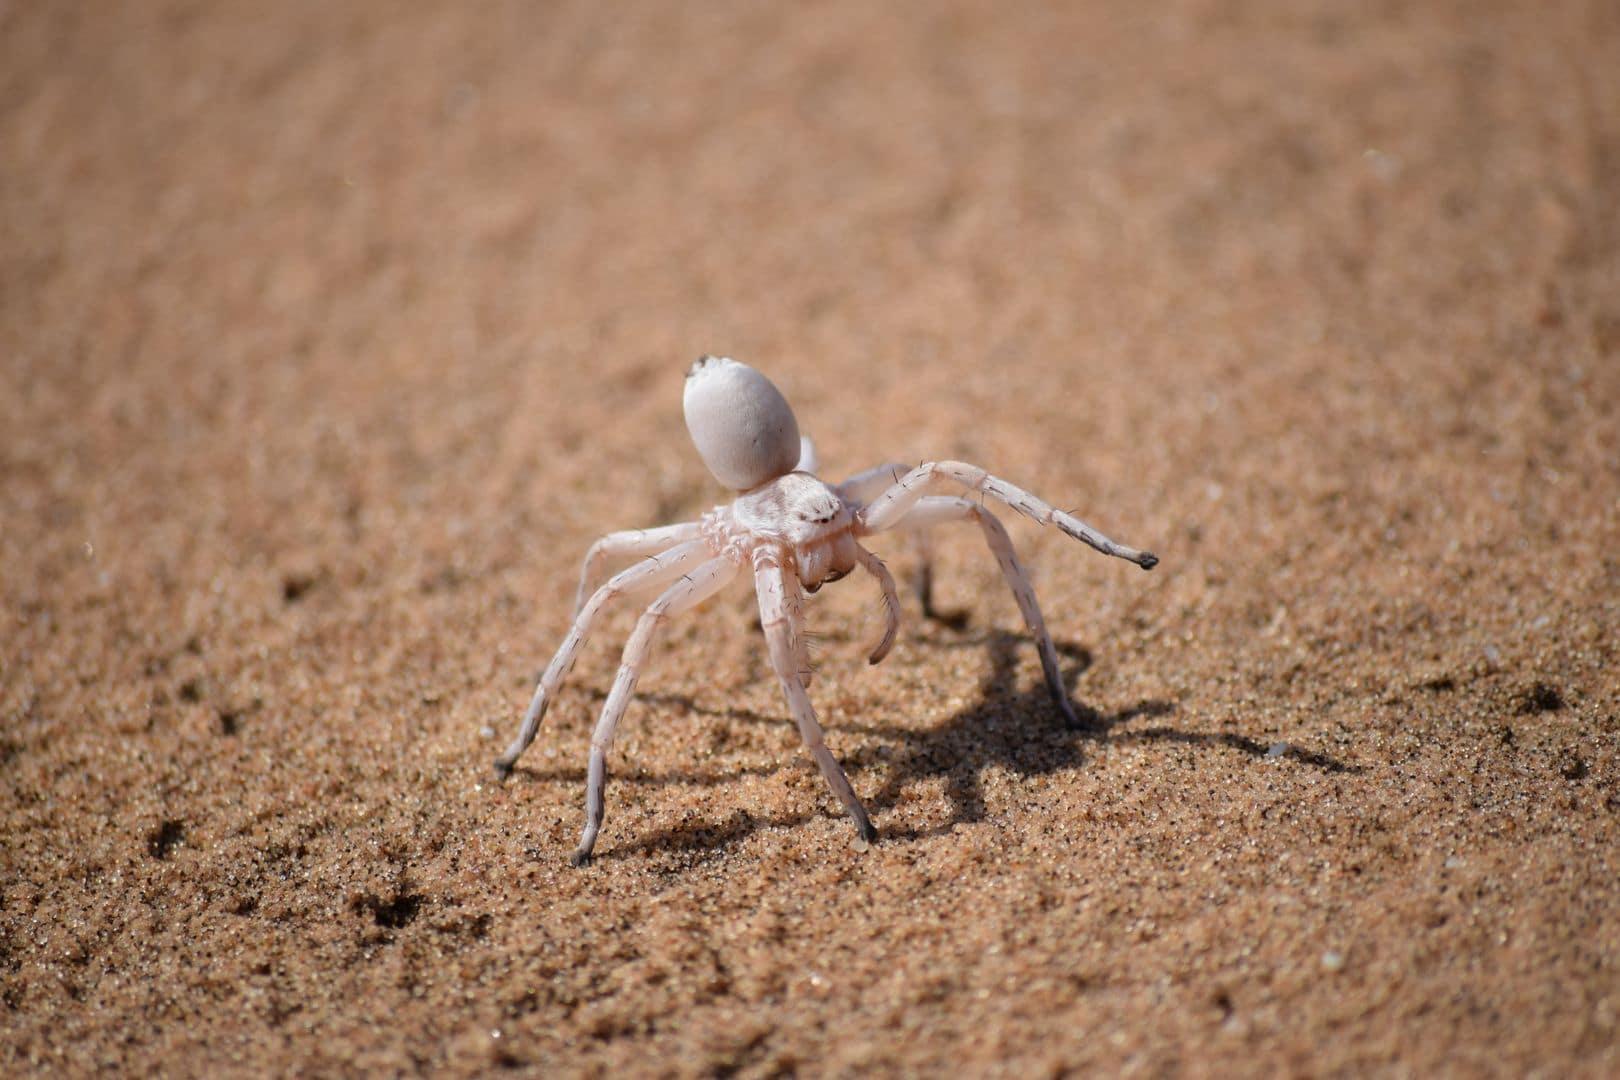 Tiere, vor denen ich normaler Weise das Weite suche sind Spinnen. Hier hatten wir die Gelegenheit die White Dancing Lady zu sehen. Zu meiner Angst hat sich jetzt wenigstens auch ein bisschen Respekt, Neugierde und Faszination für diese Tiere gesellt.